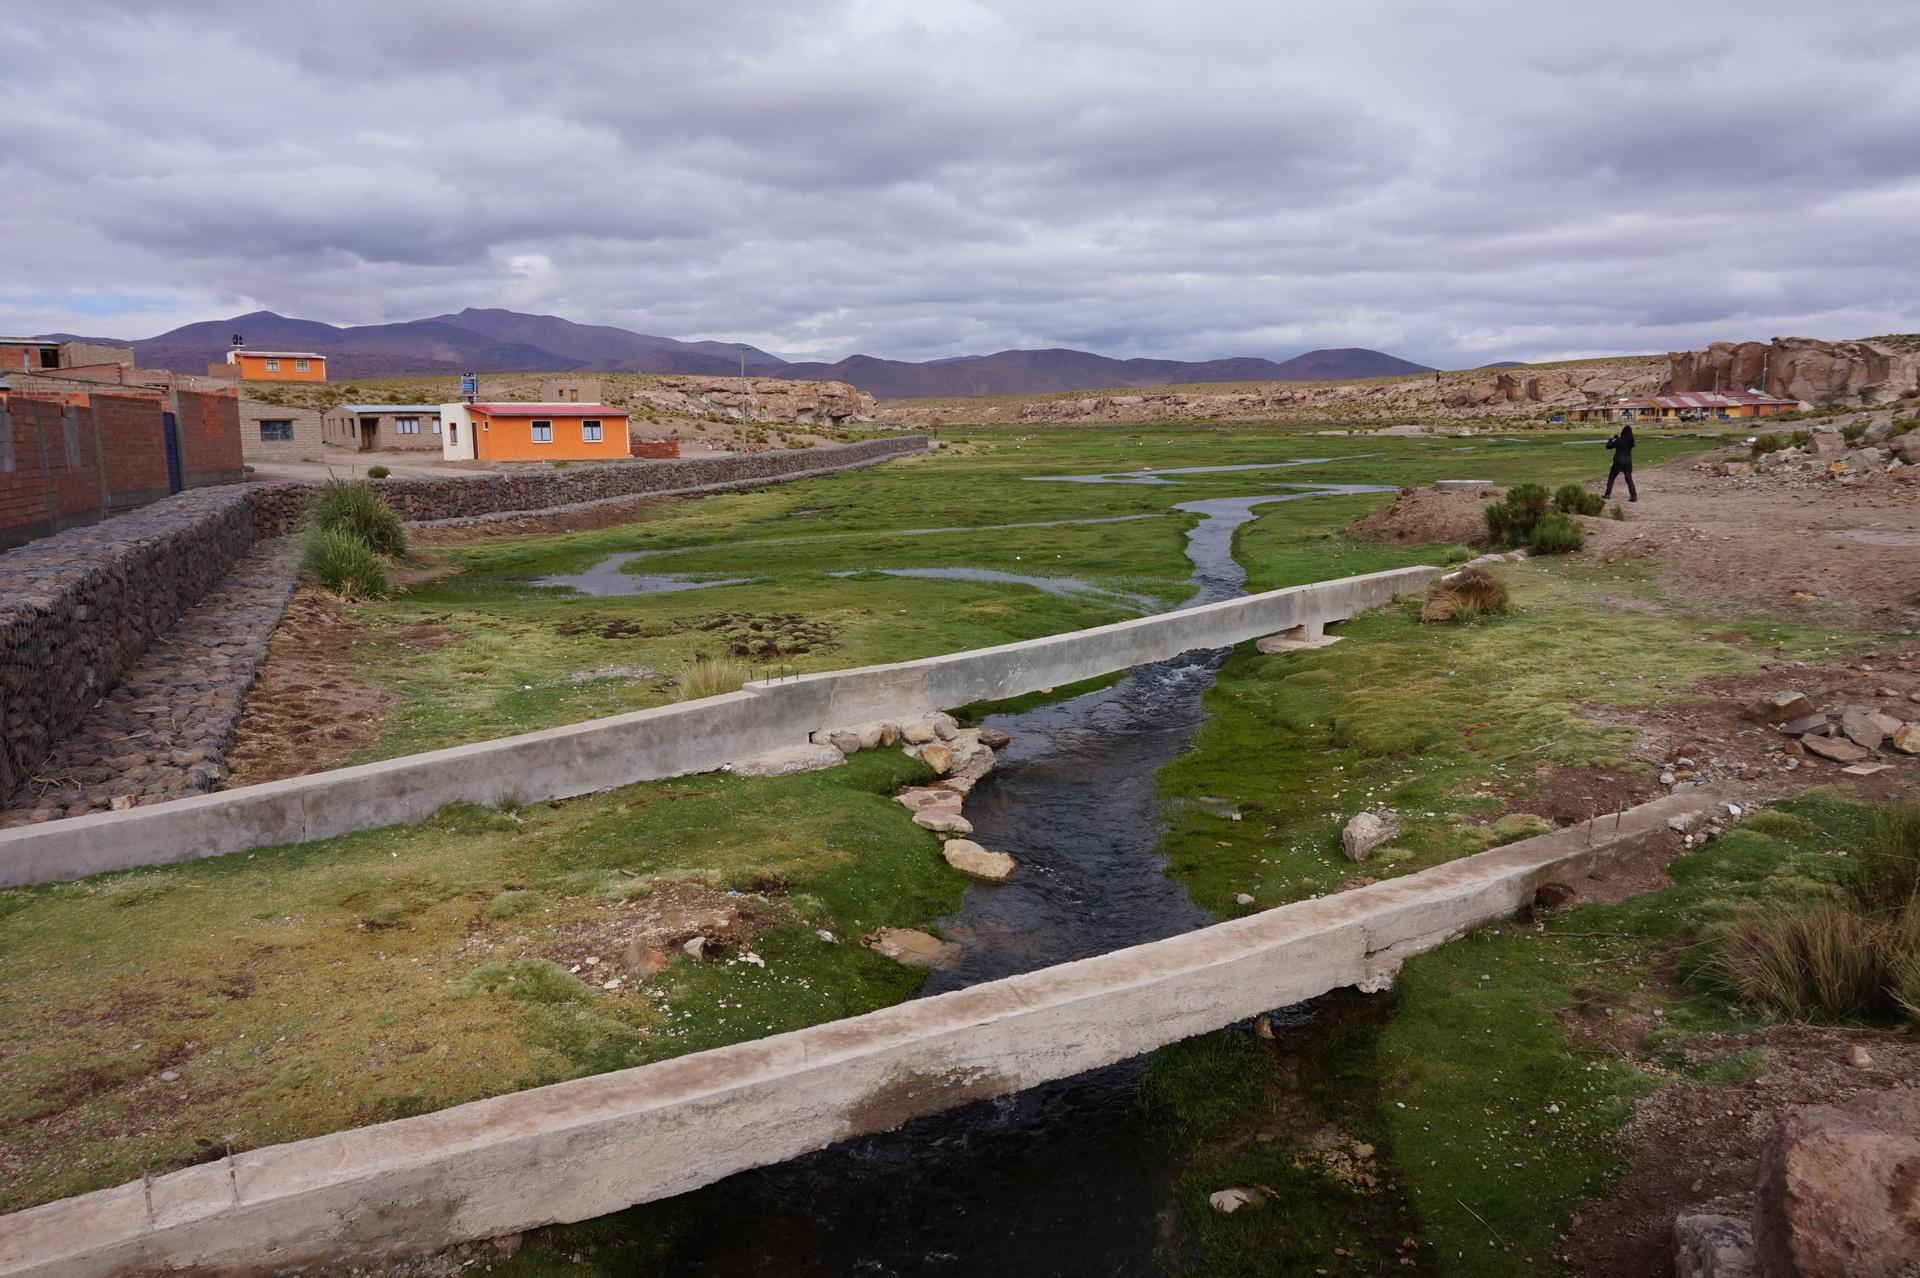 チリ ボリビア ウユニ旅行 2泊3日ツアー 湿地帯